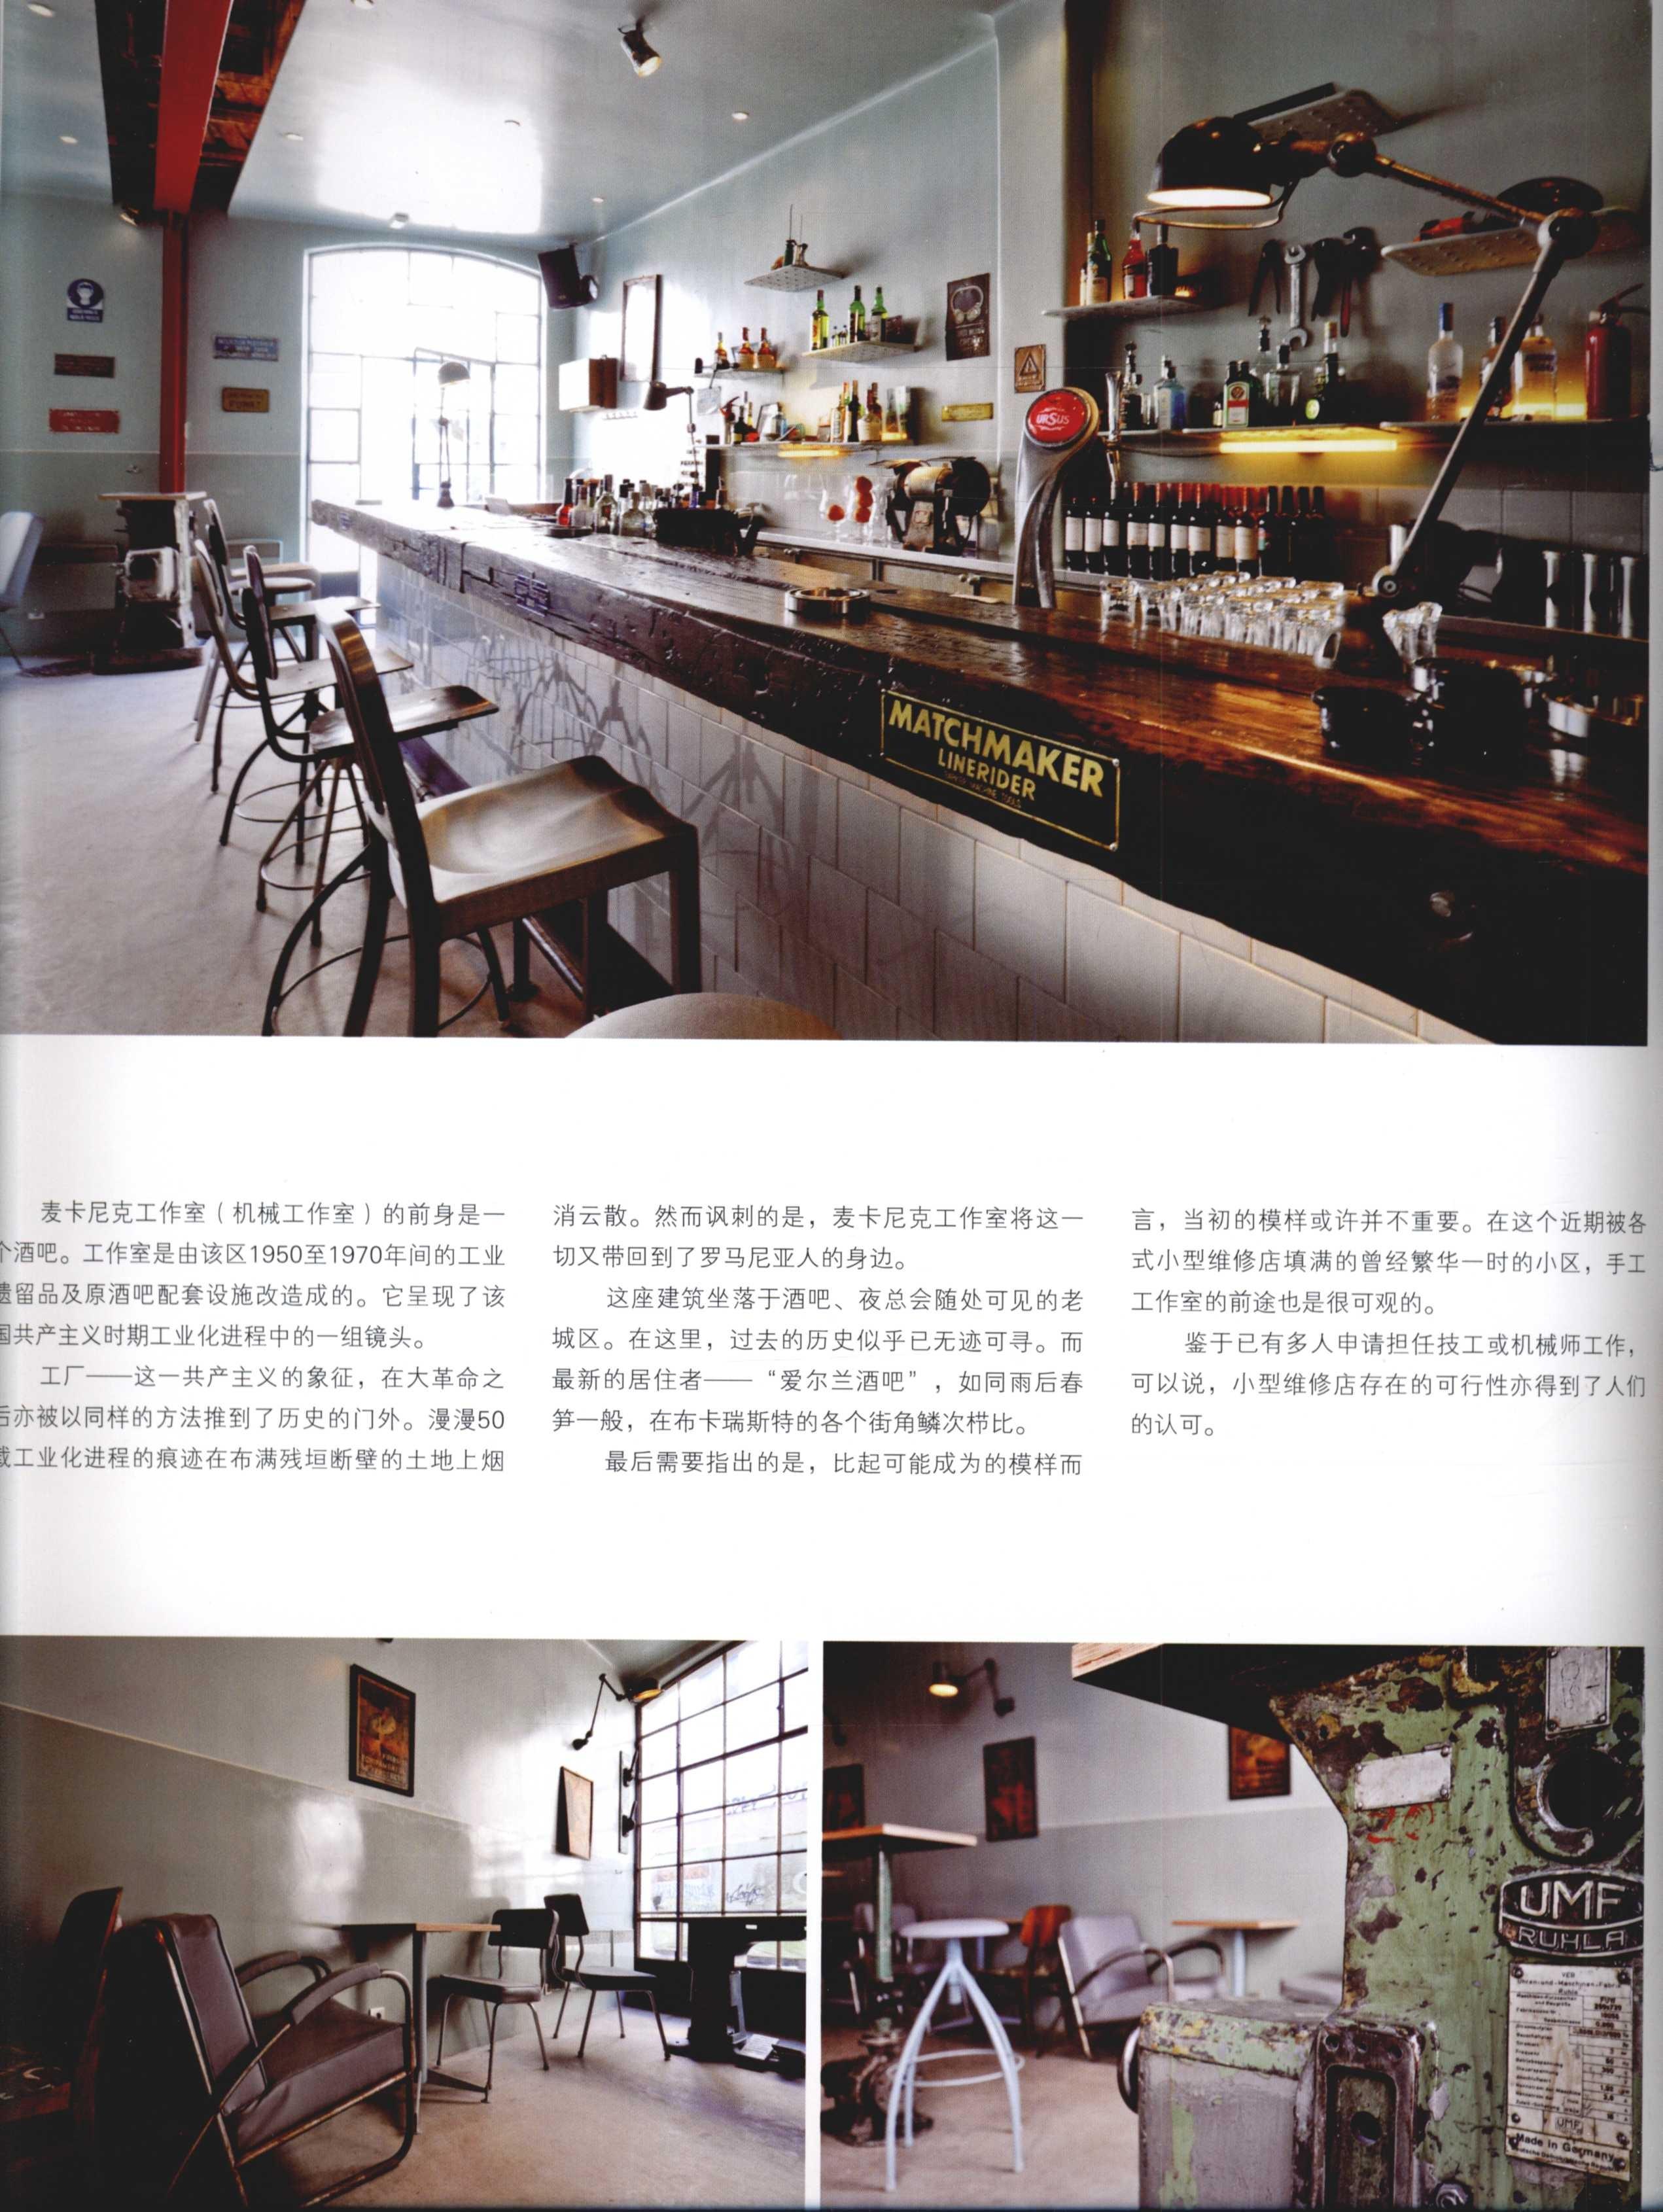 2012全球室内设计年鉴  餐饮_Page_076.jpg